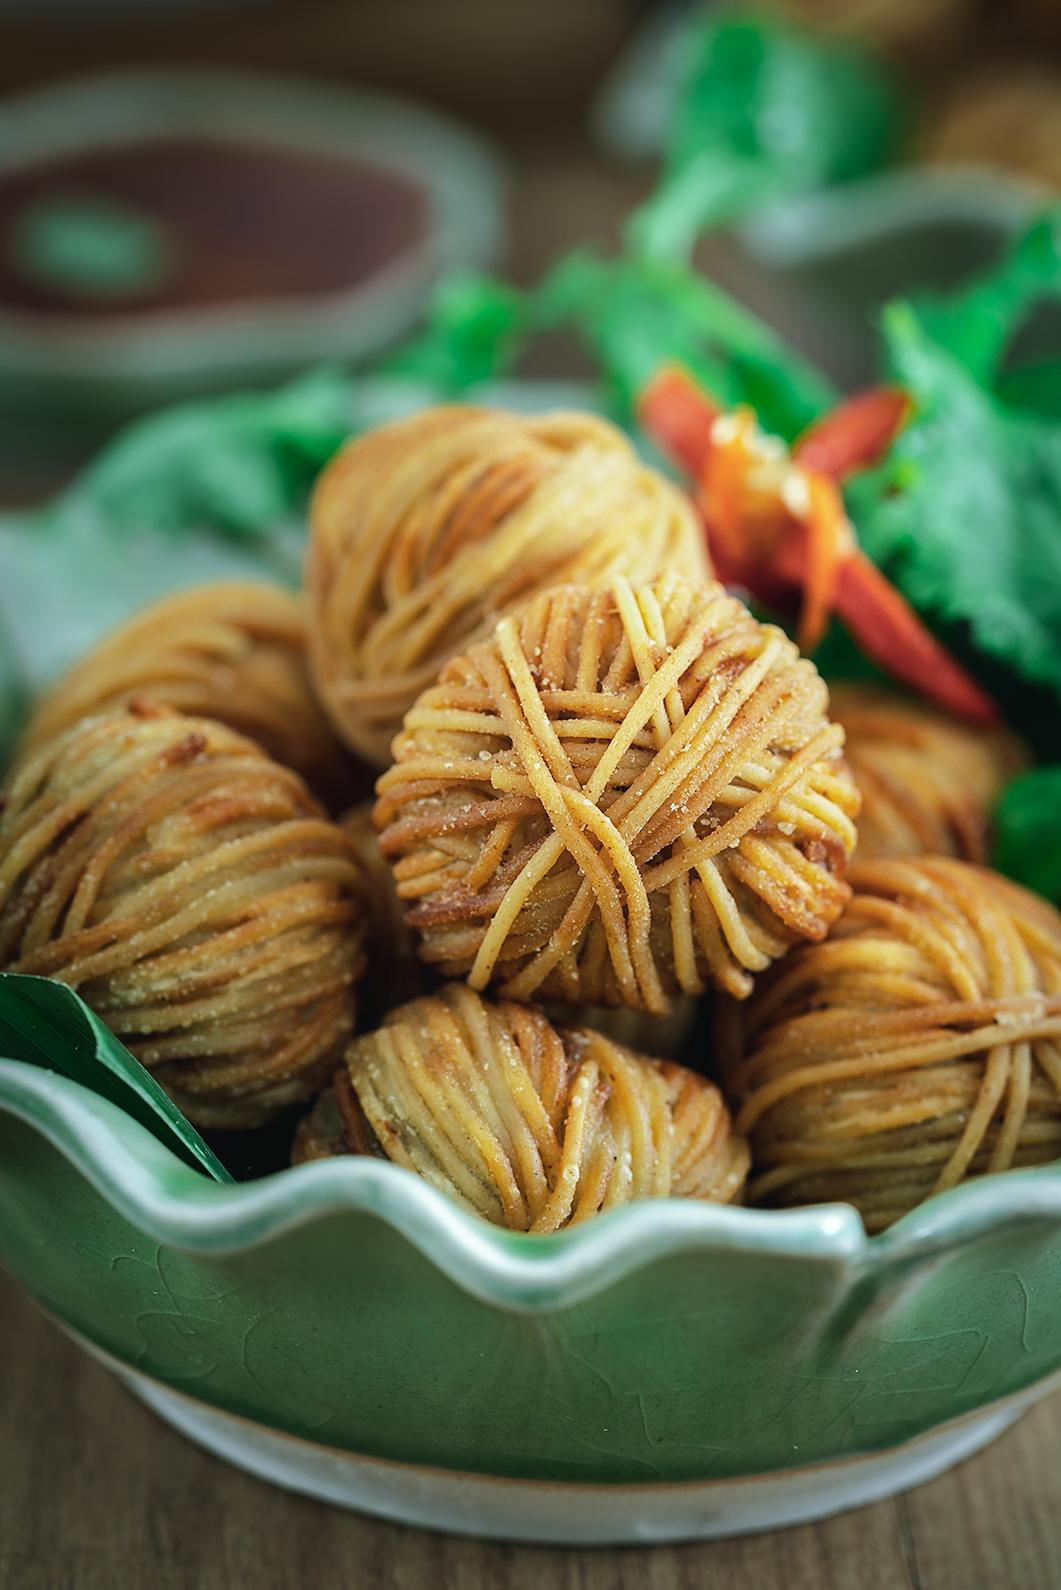 Mu Sarong, aperitivo tailandés, aperitivo Thai, bolitas de carne envueltas en fideos, cerdo, fideos chinos fritos, cocina tailandesa